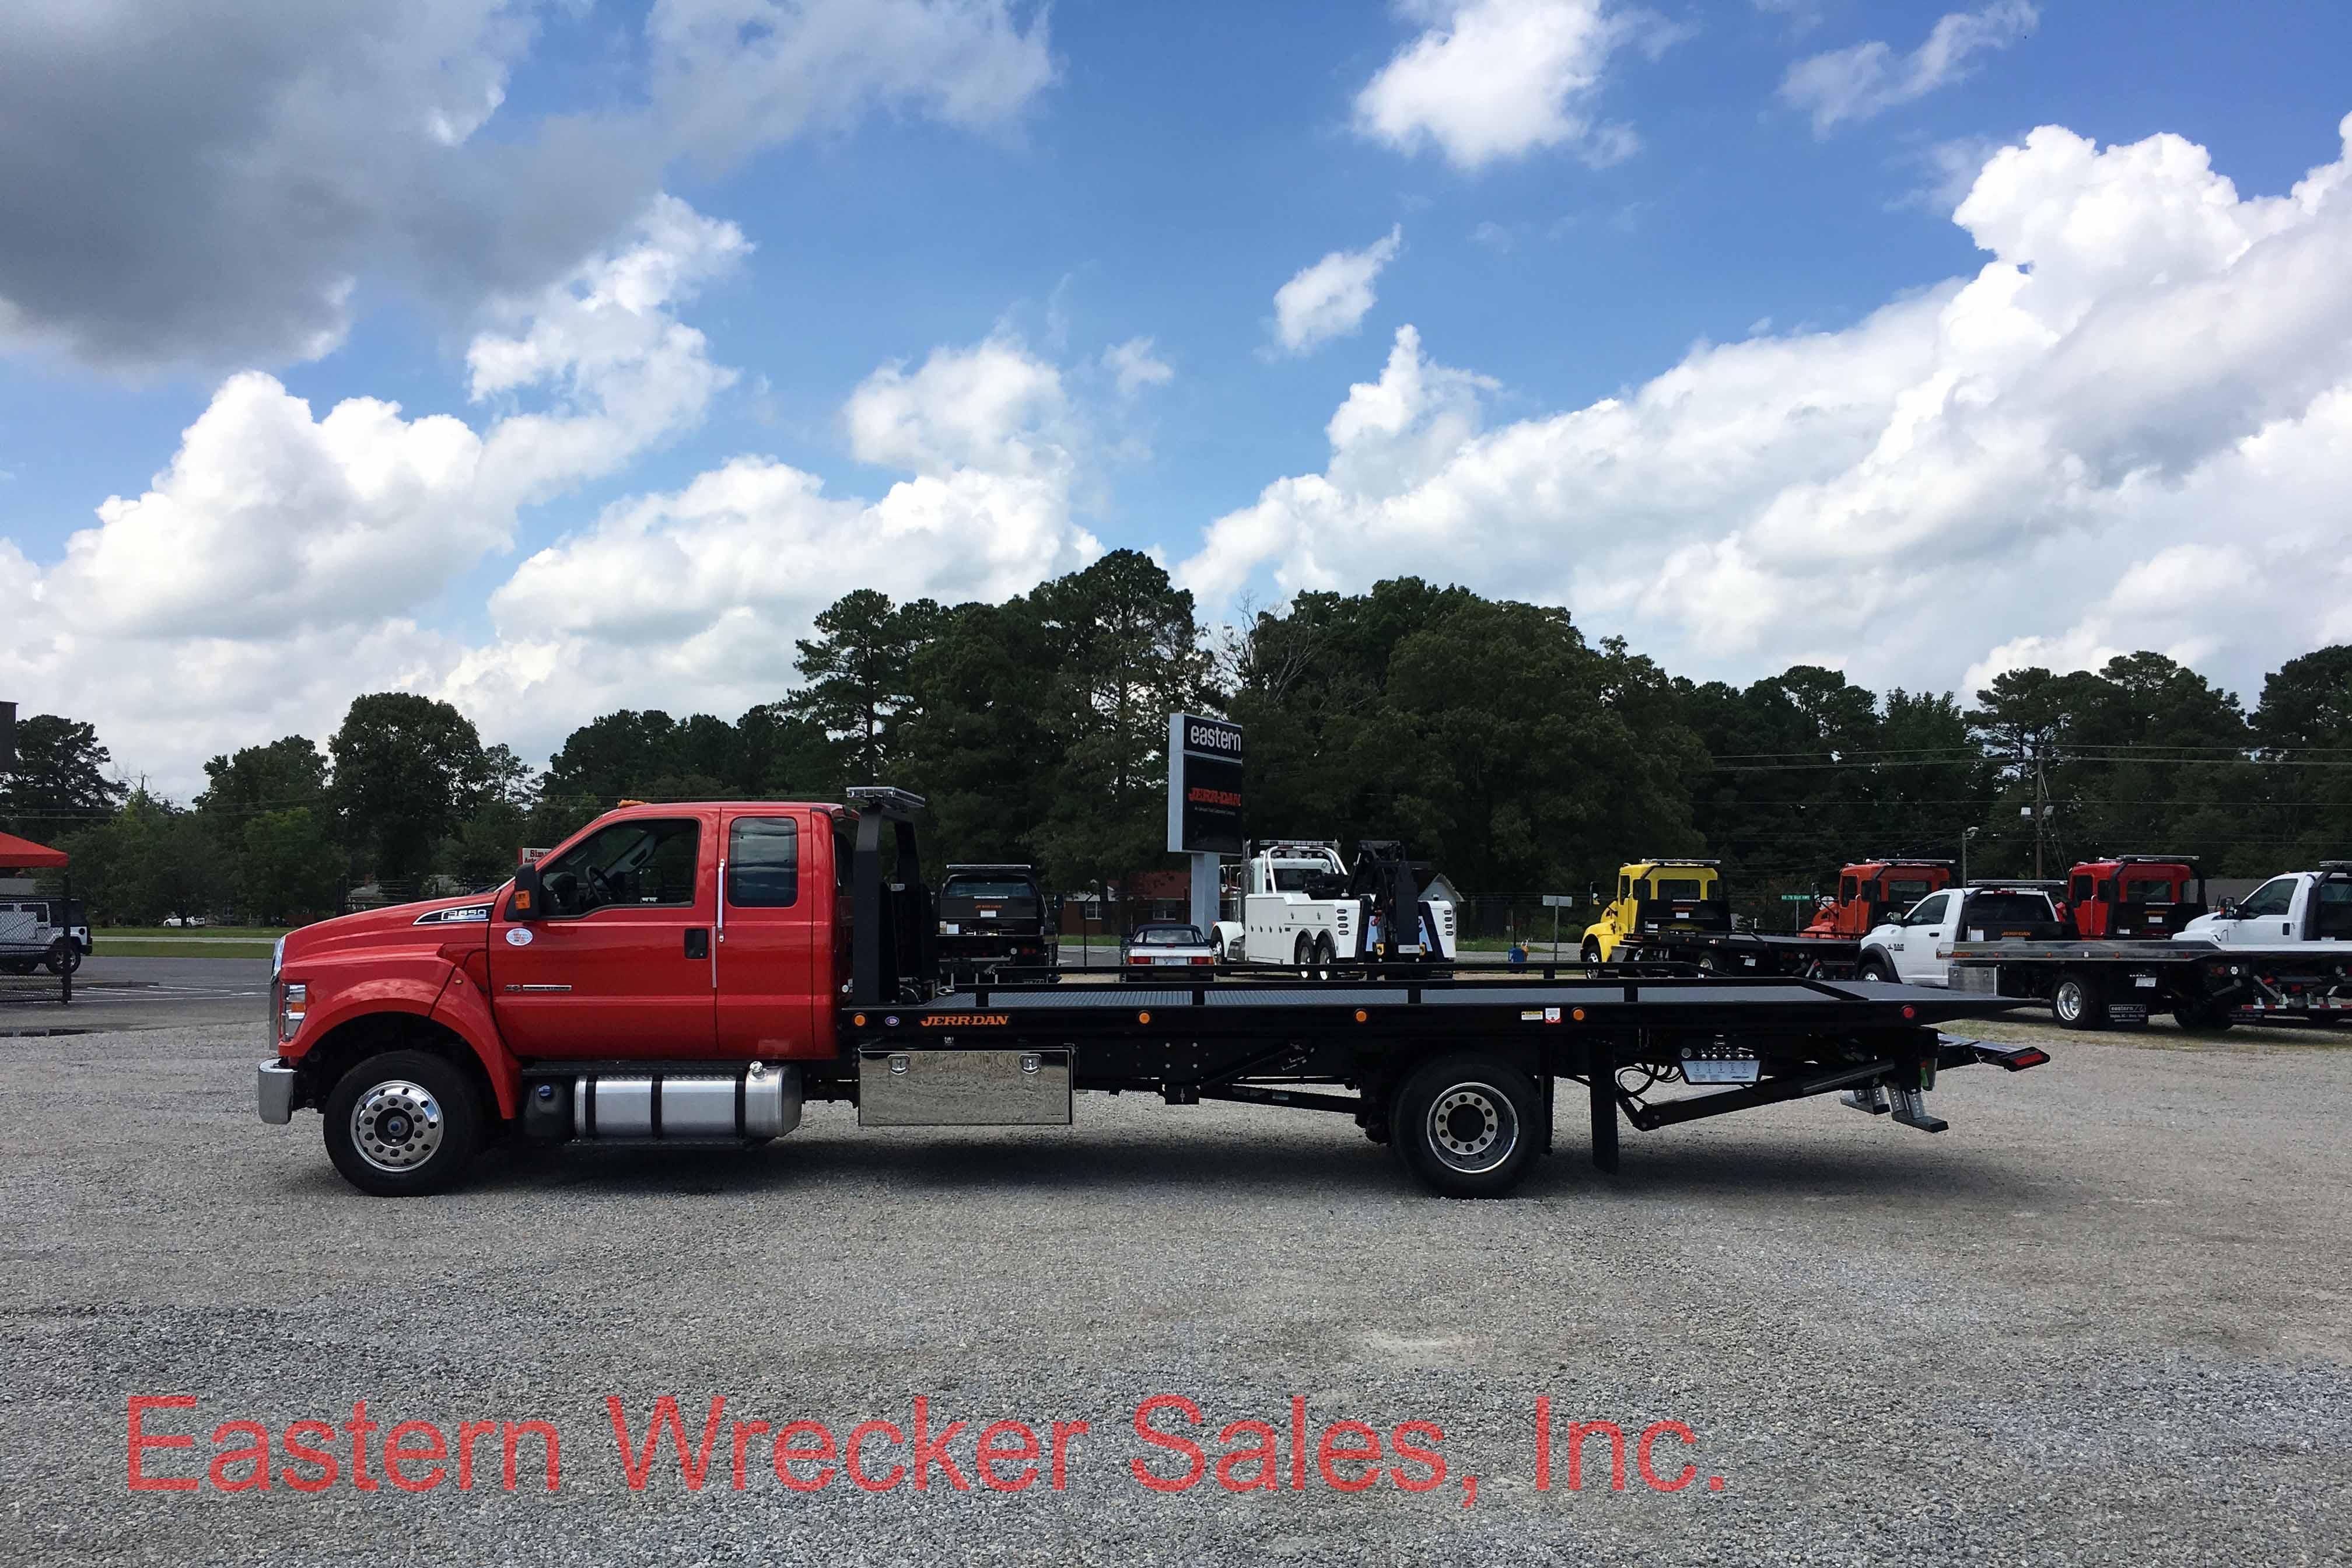 f6888 side ds 2017 ford f650 tow truck for sale jerr dan car carrier flatbed jerr dan landoll. Black Bedroom Furniture Sets. Home Design Ideas